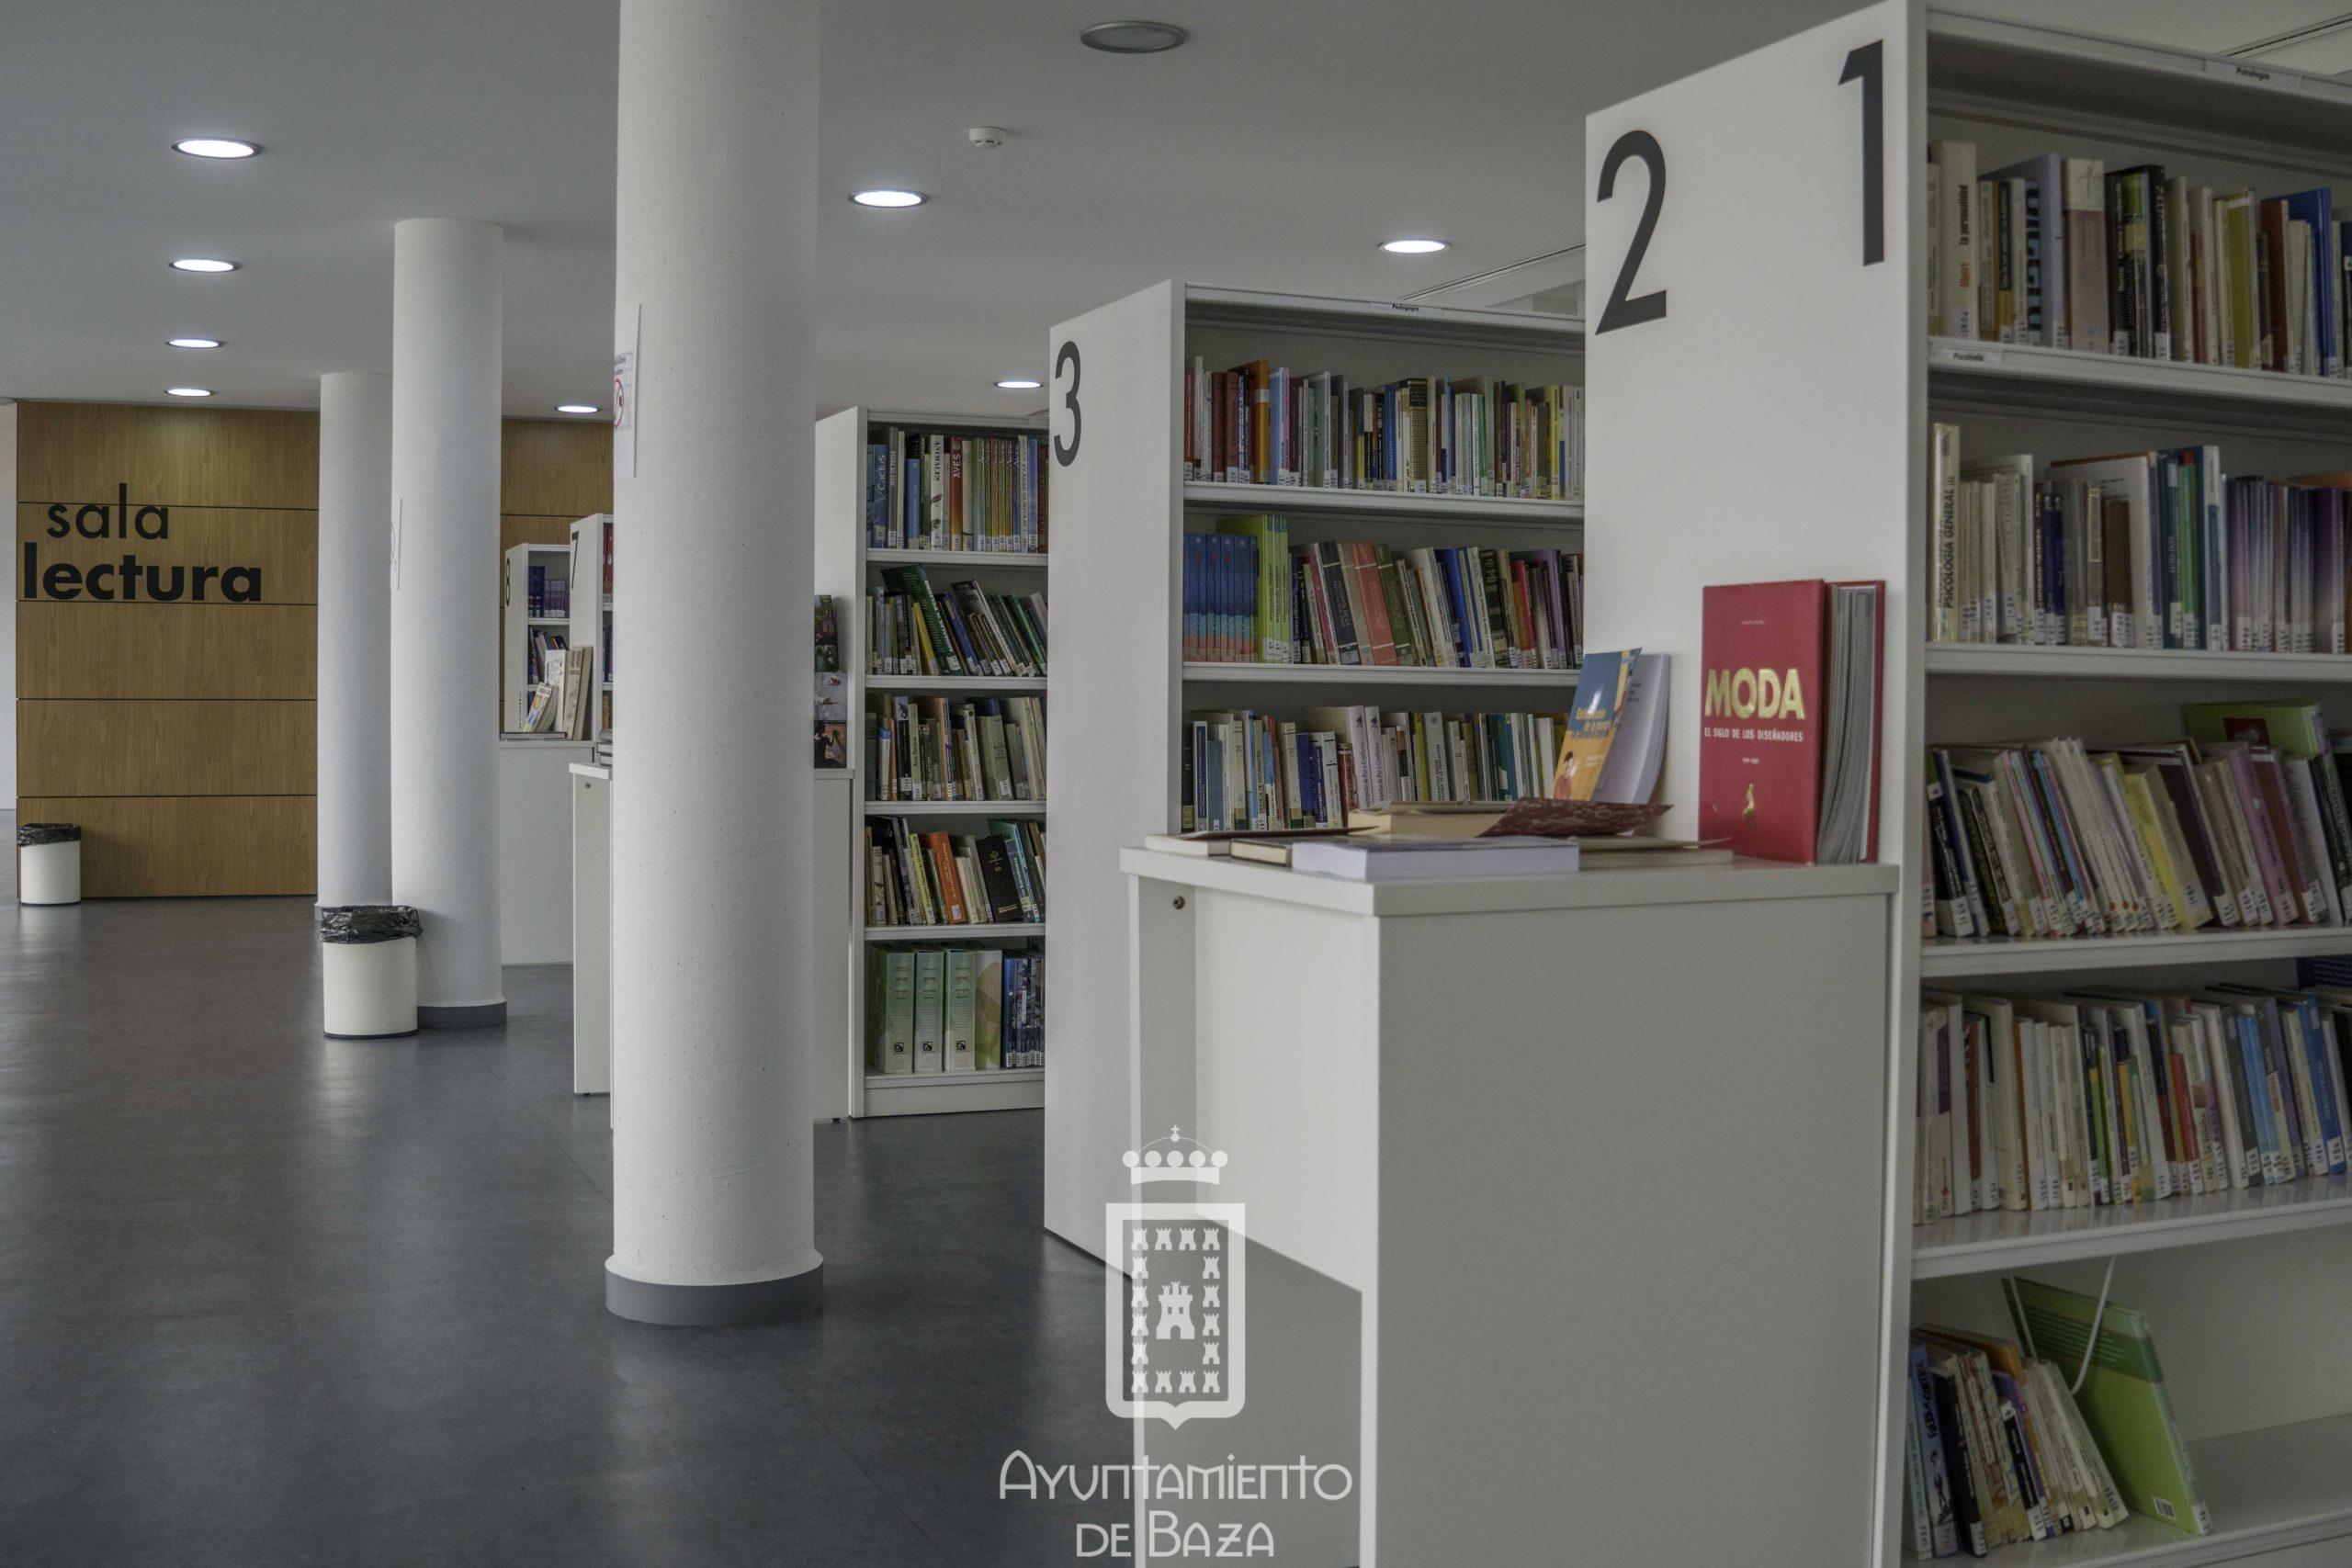 Sala de lectura de la biblioteca municipal José Becerril de Baza. Foto Carmelo Mateos